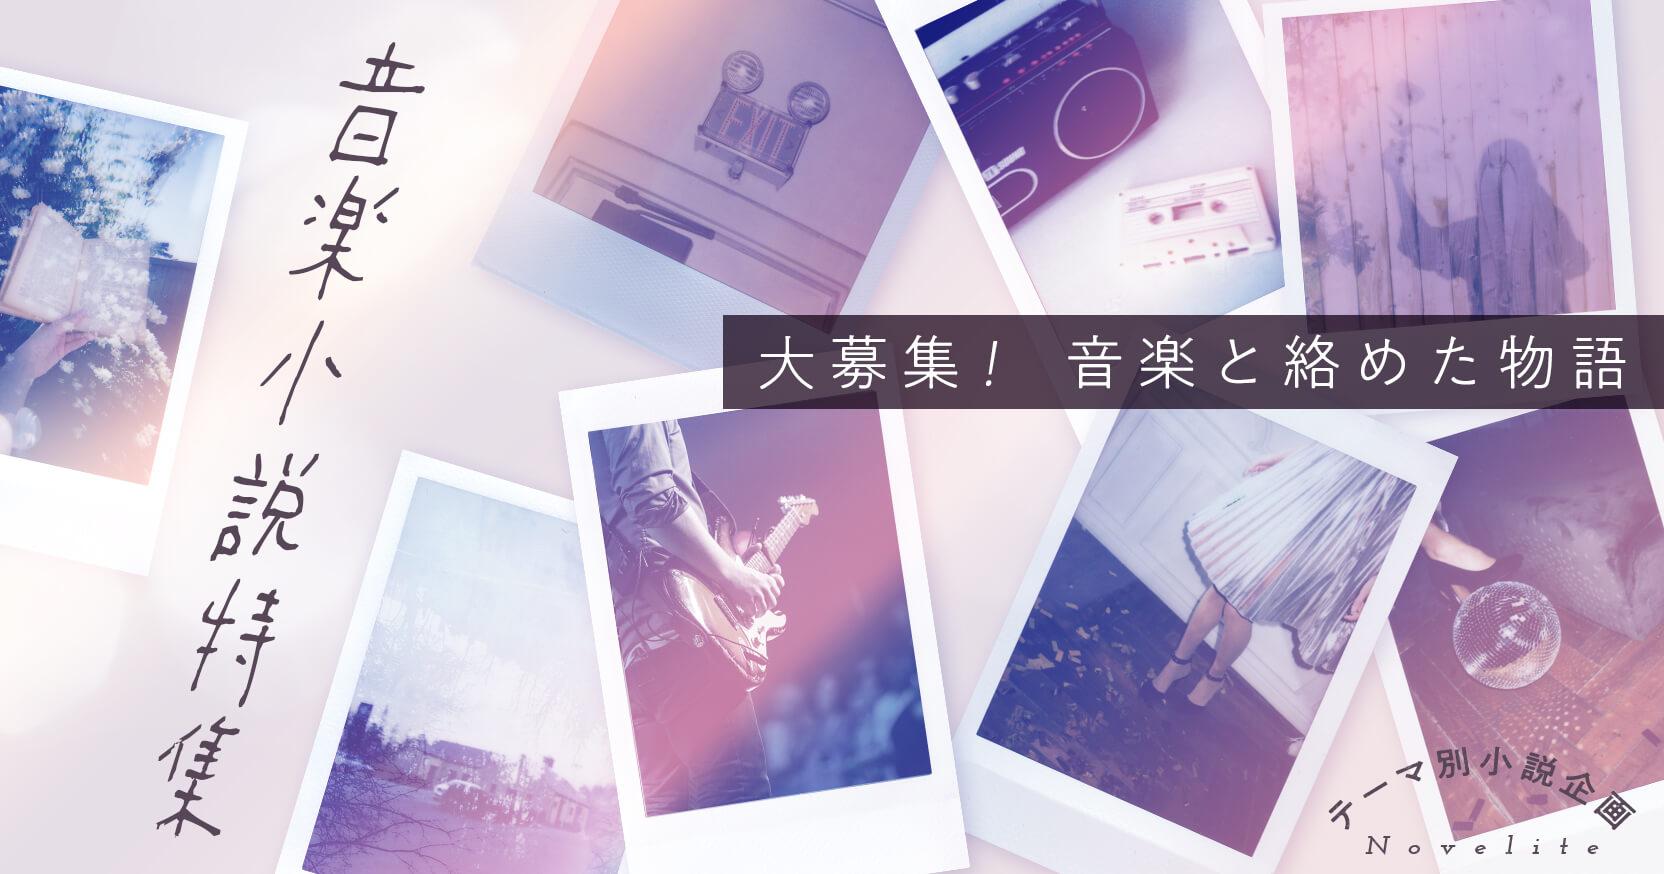 https://storage.googleapis.com/blog-info/entry/2021/03/20210302-novelite_music.jpg